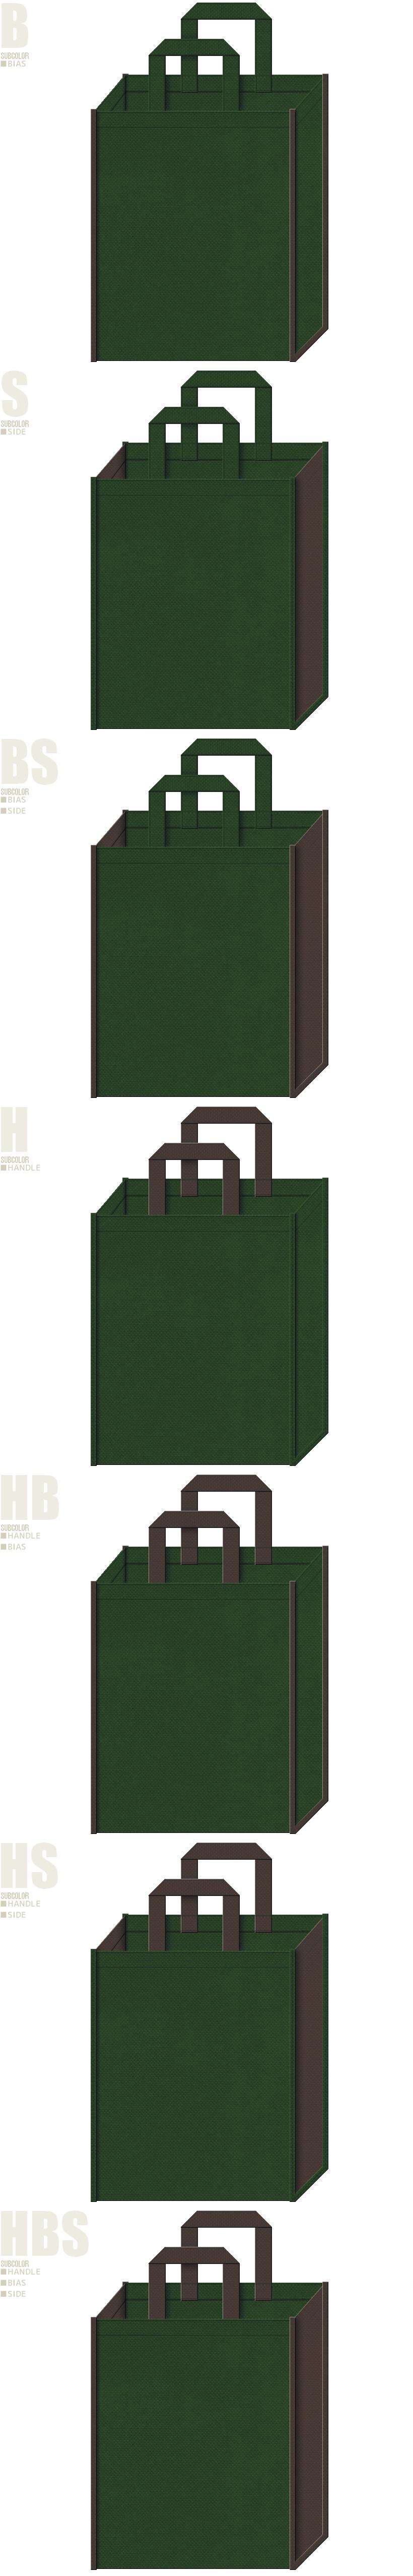 迷彩色・密林・アマゾン・ジャングル・探検・アニマル・恐竜・ゲーム・テーマパーク・メンズ商品・登山・アウトドア・キャンプ用品の展示会用バッグにお奨めの不織布バッグデザイン:濃緑色とこげ茶色の配色7パターン